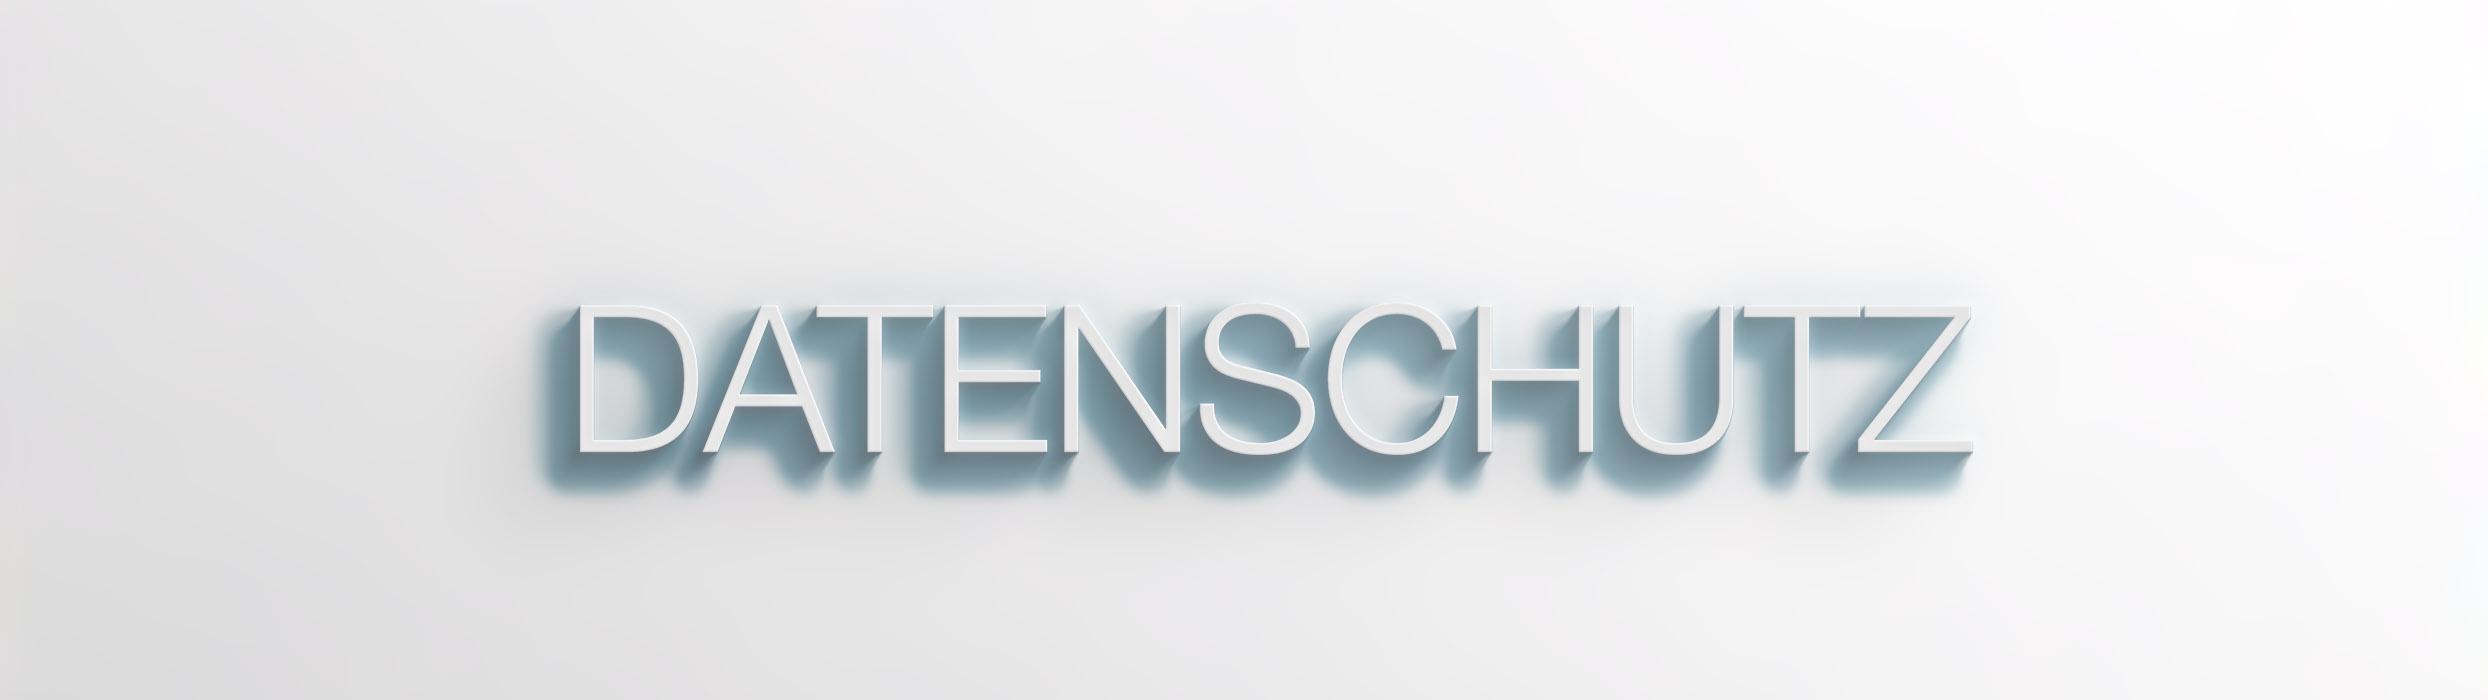 ACHTE_Datenschutz 3D-Text-Effect